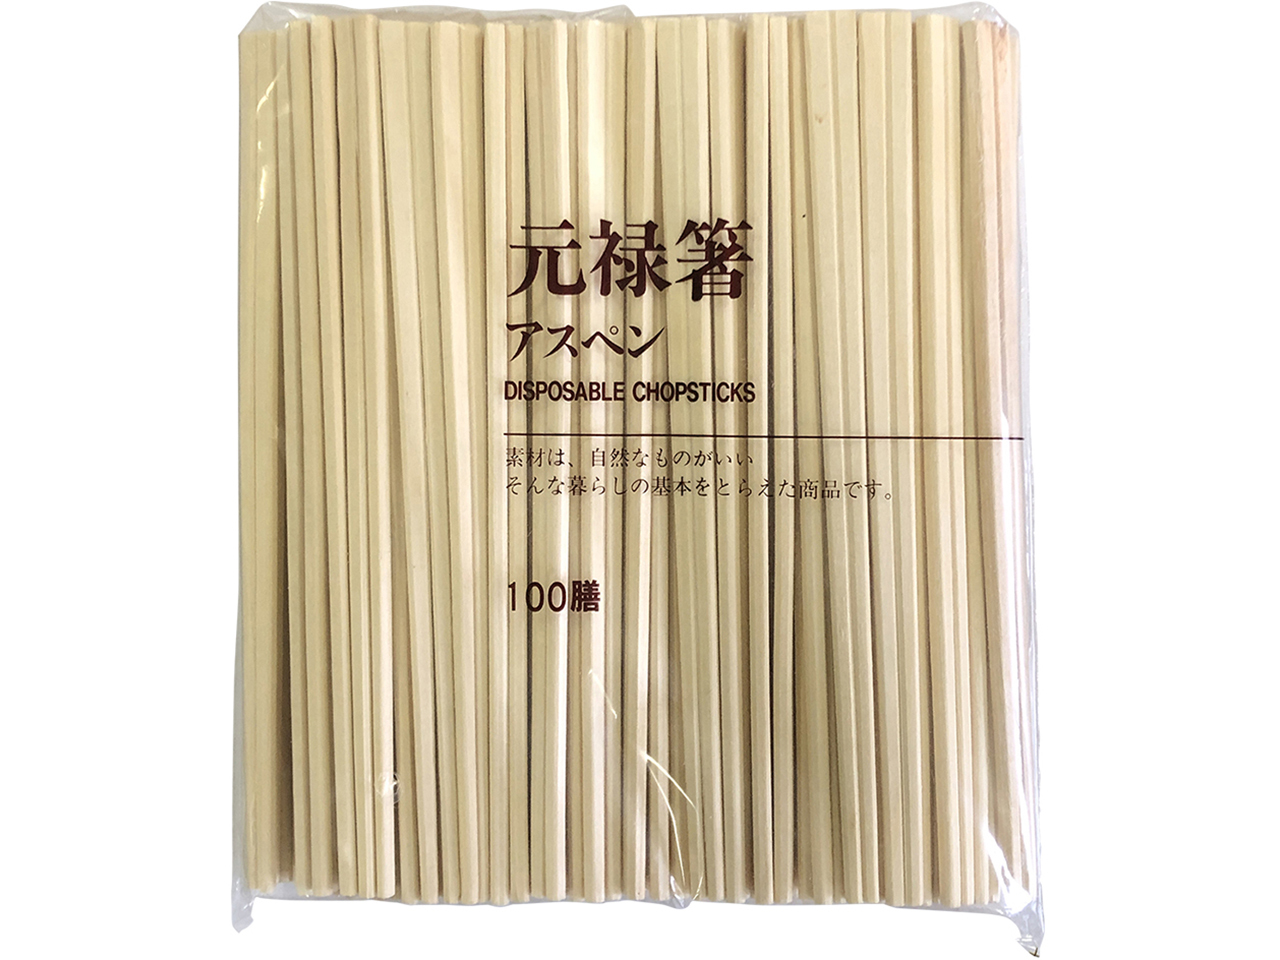 お買い得な輸入の割り箸 「アスペン元禄箸 ハダカ100膳」